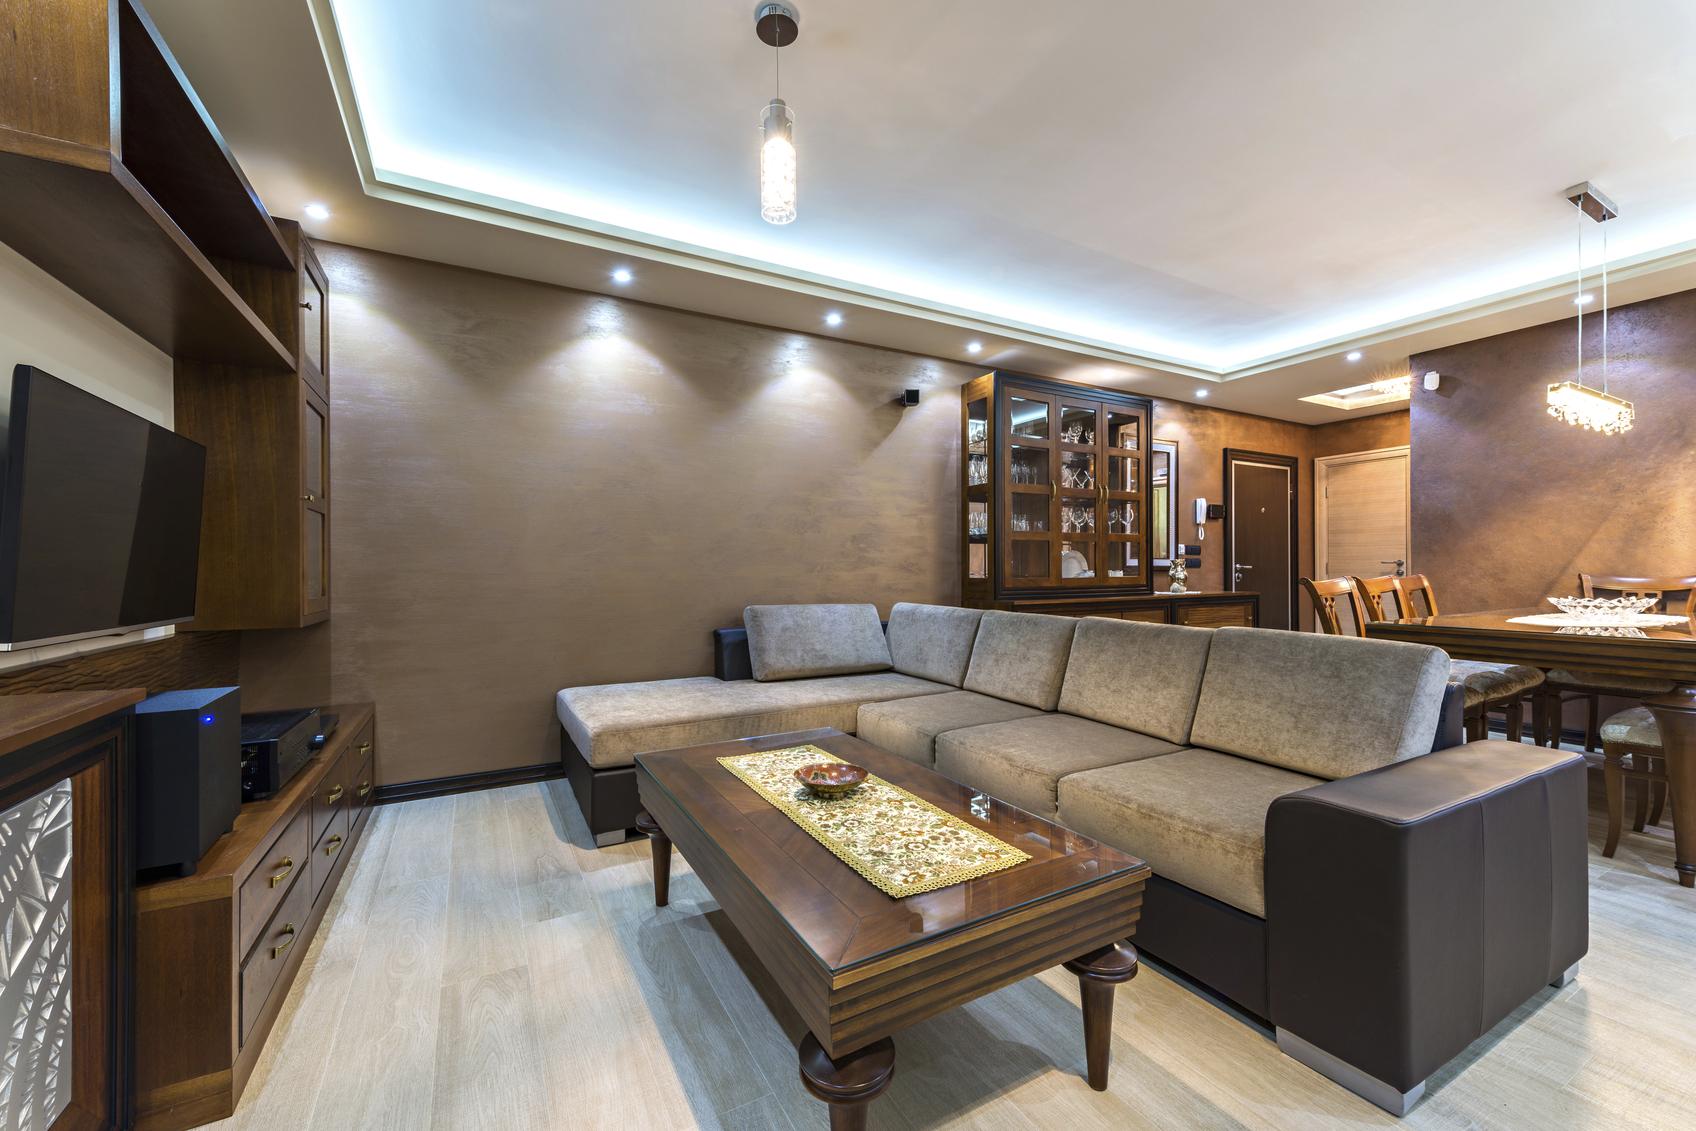 Illuminare la casa i vantaggi della scelta dei led ville casali - Illuminazione a led per interni casa ...